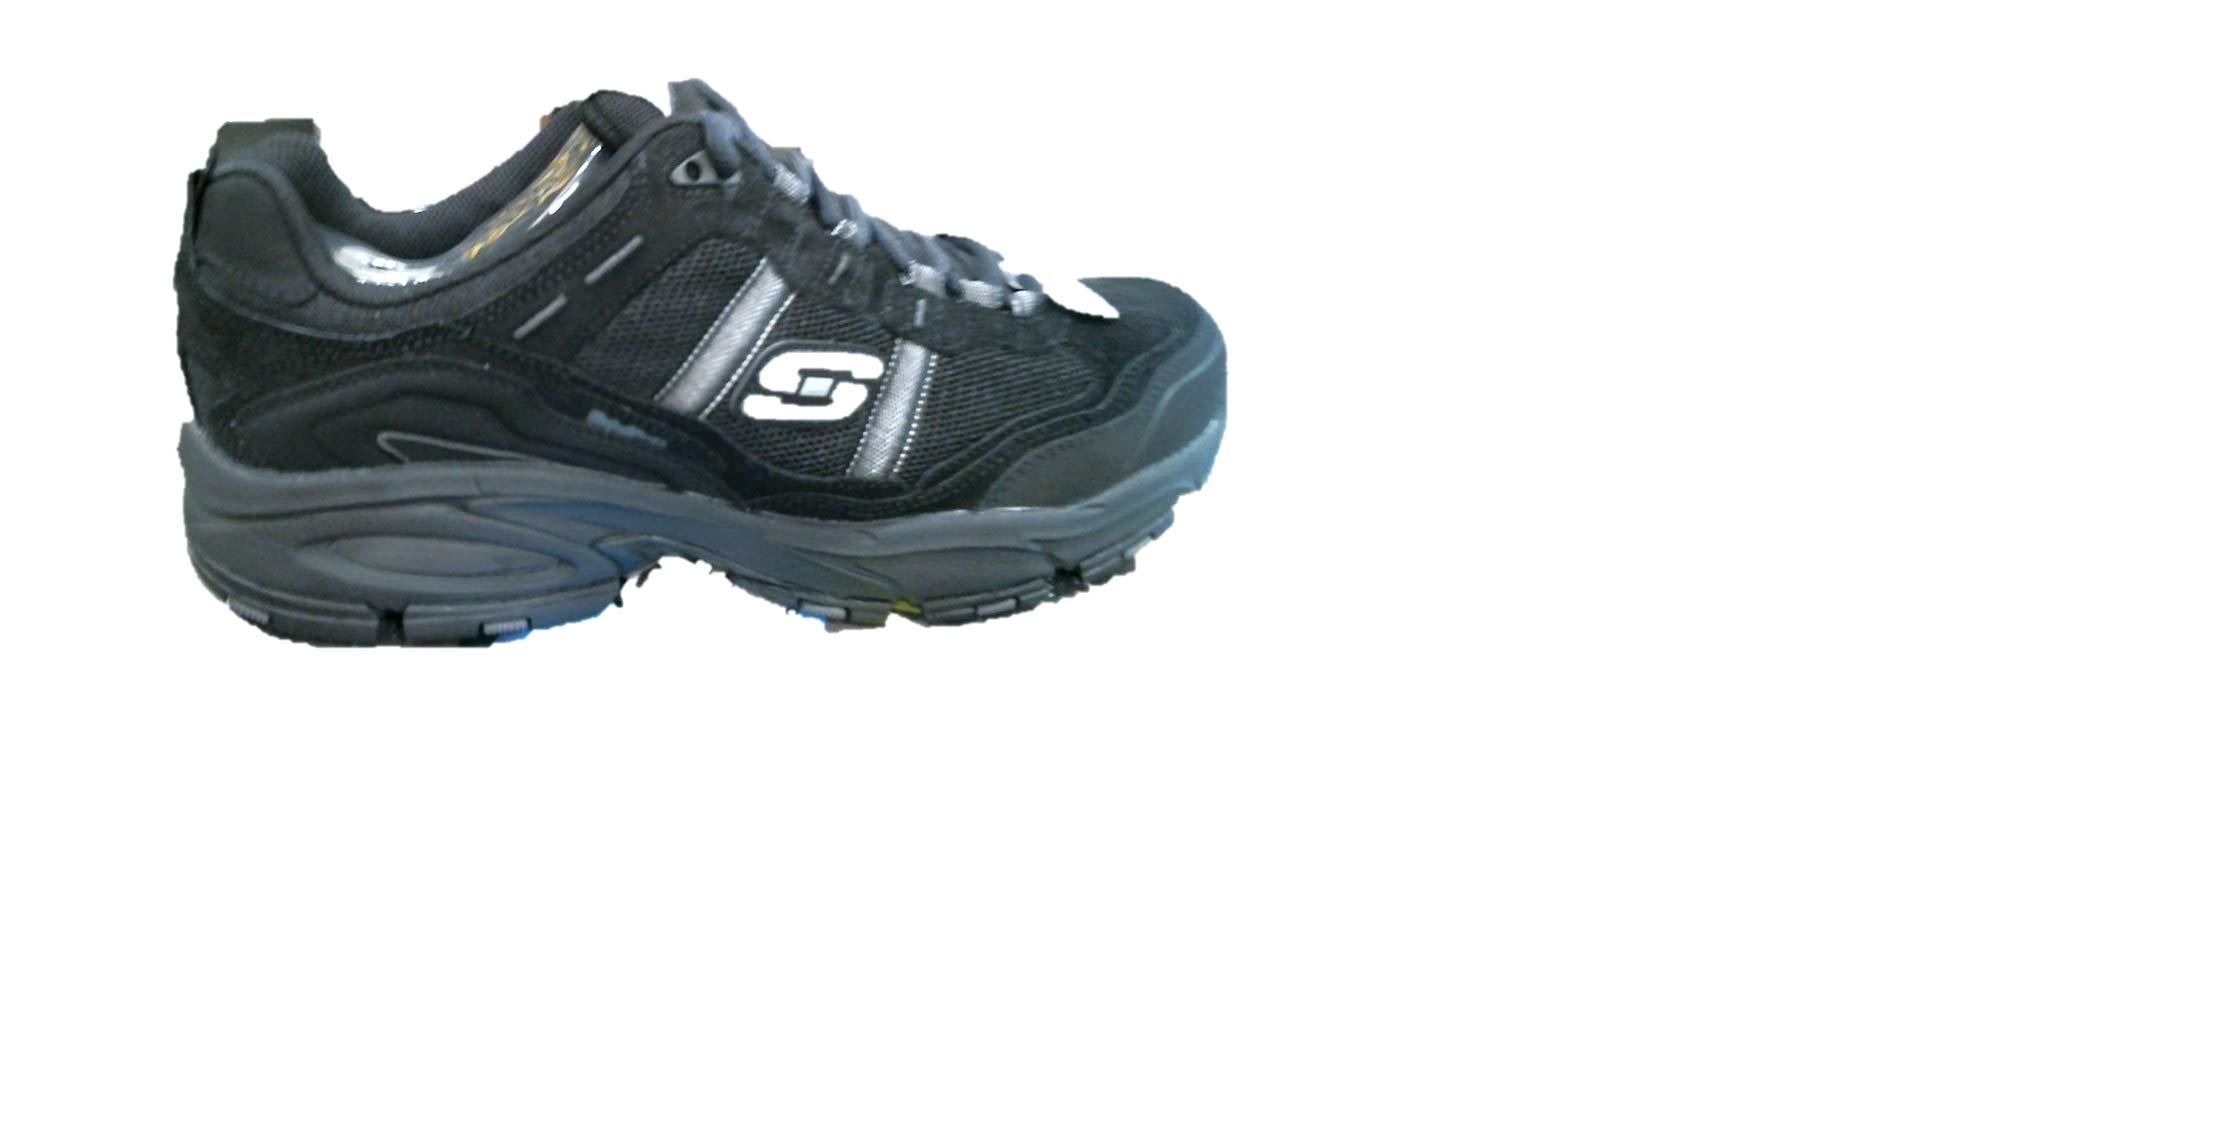 Skechers Sport Men's Vigor 2.0 Trait Memory Foam Sneaker, Black, 7 M US by Skechers (Image #1)